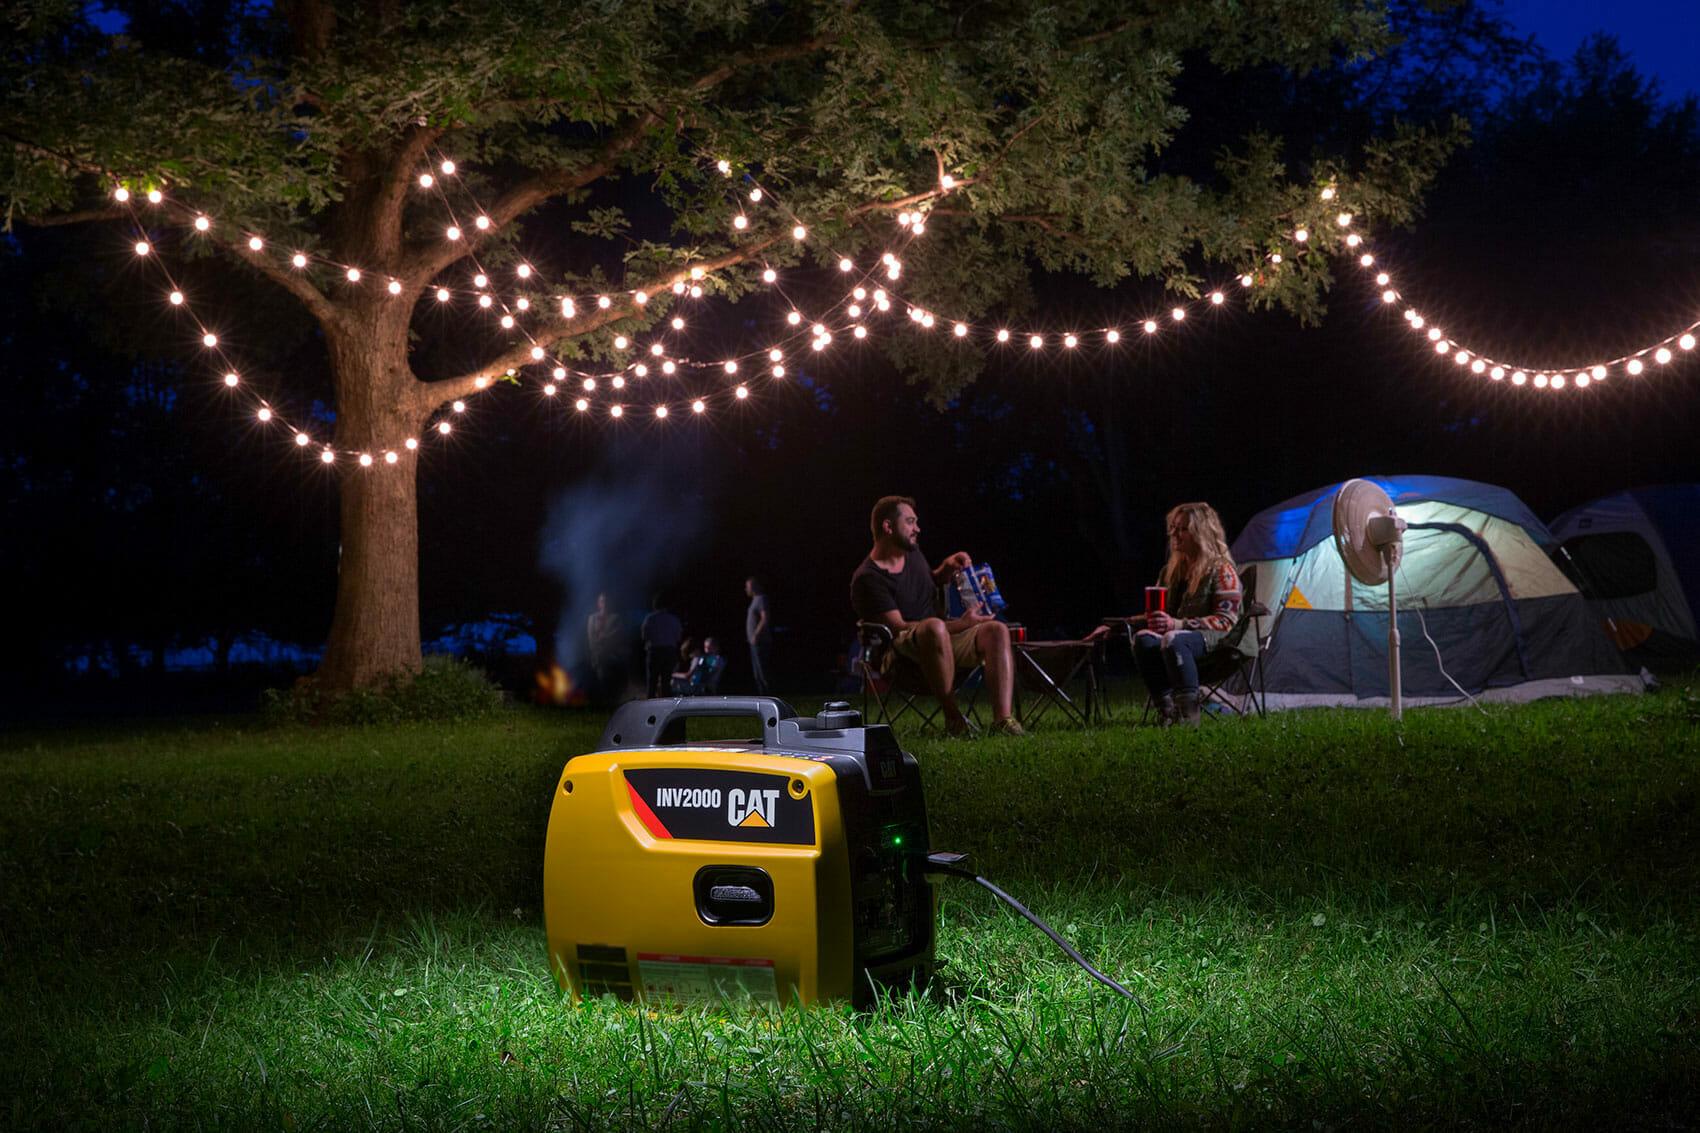 Portable Generators For Your Power Needs Ziegler Cat